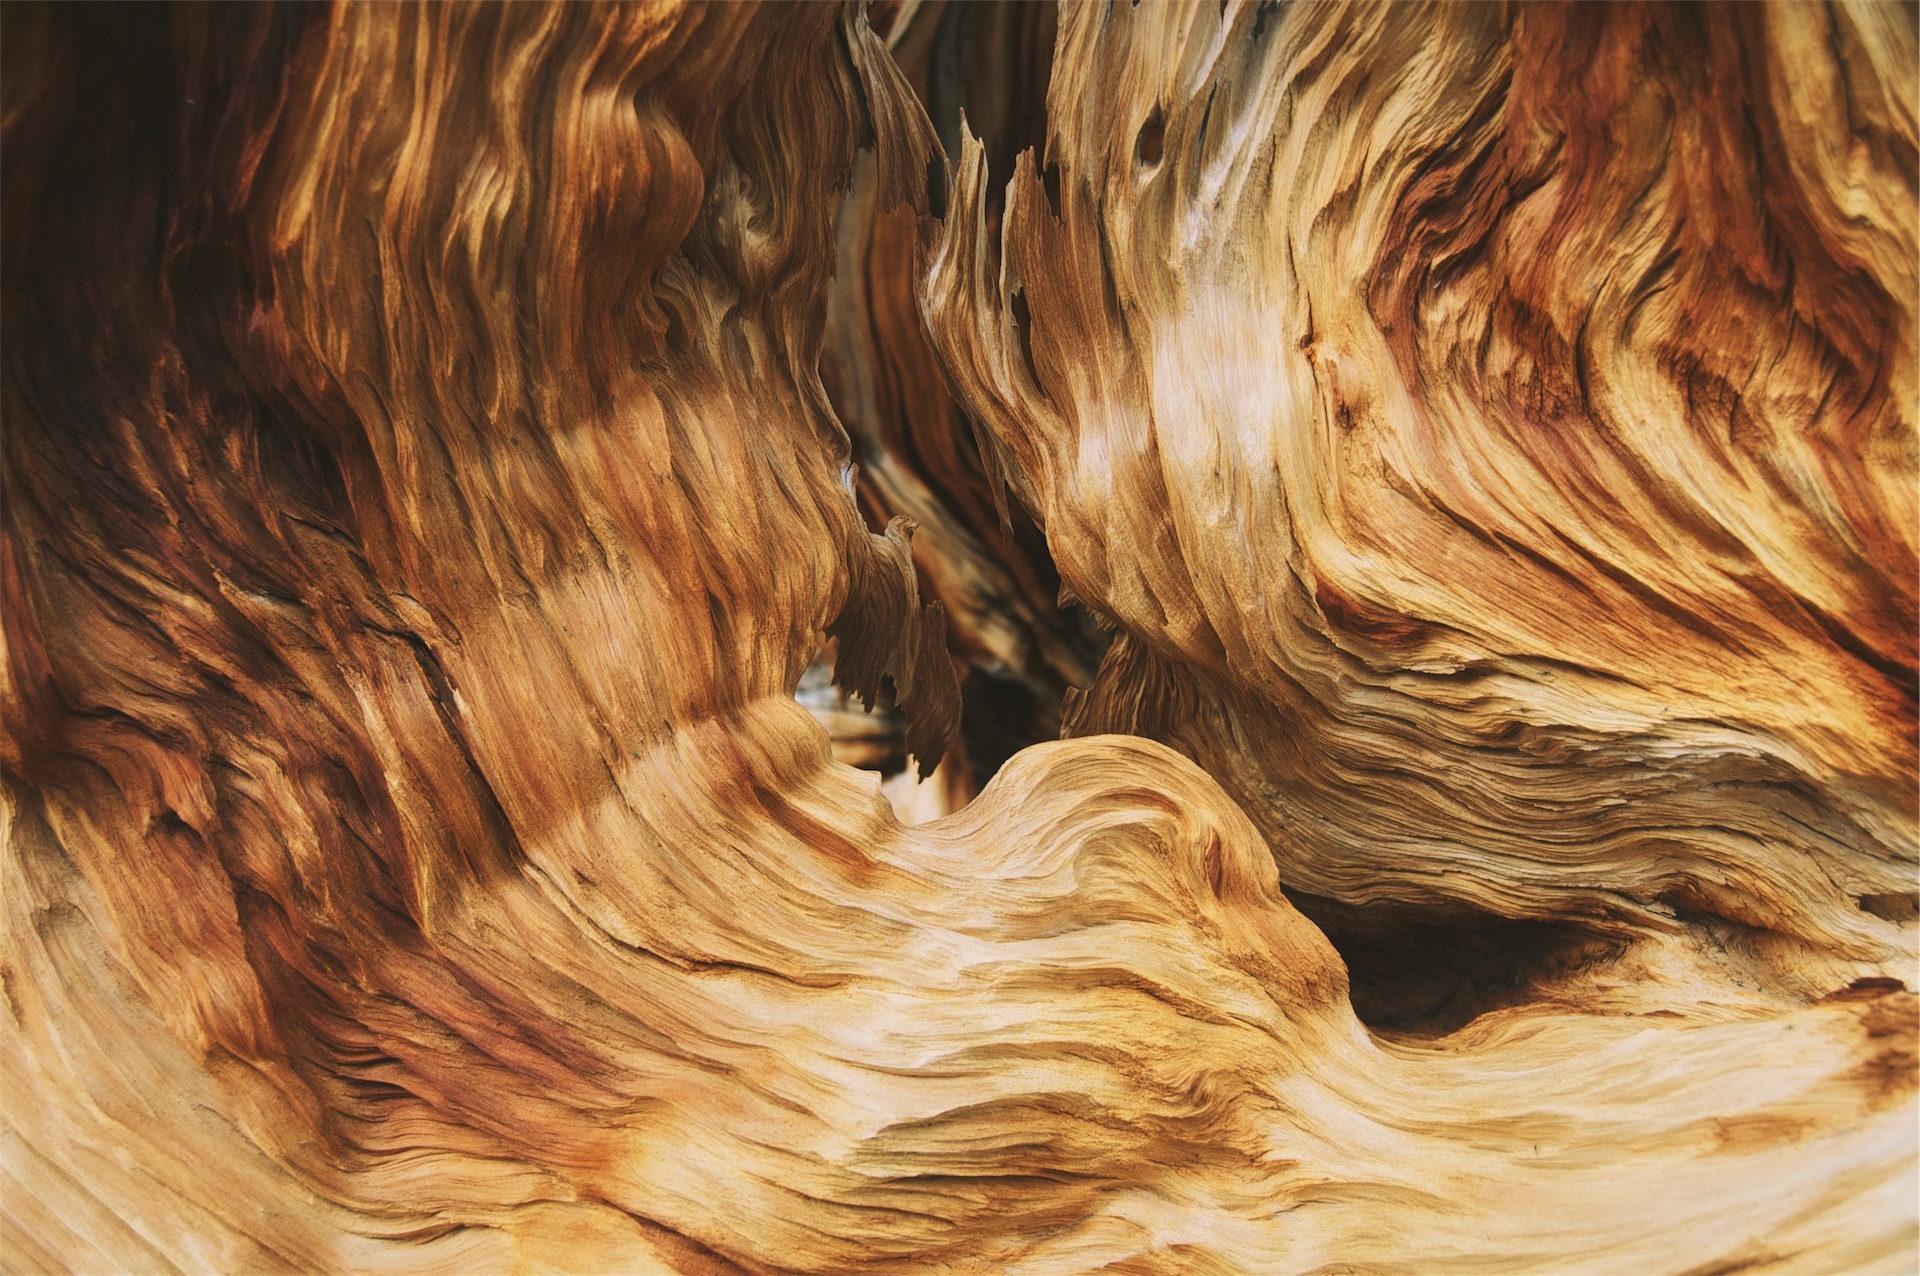 vetas, 木材, 波, カラフルです, degradado - HD の壁紙 - 教授-falken.com